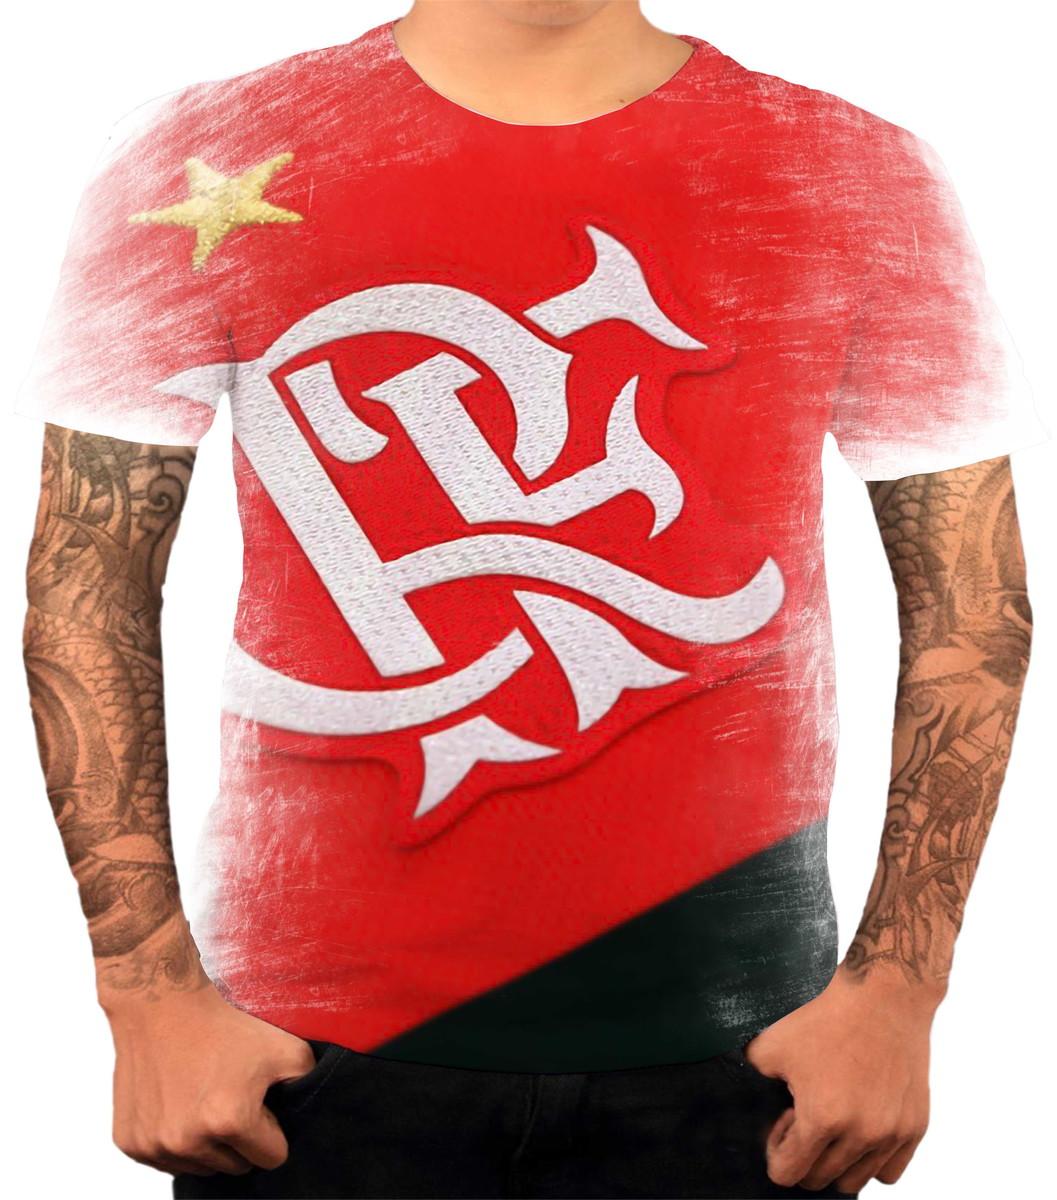 Camisa Camiseta Personalizada Time De Futebol Flamengo 01 no Elo7 ... 6749079b5a834